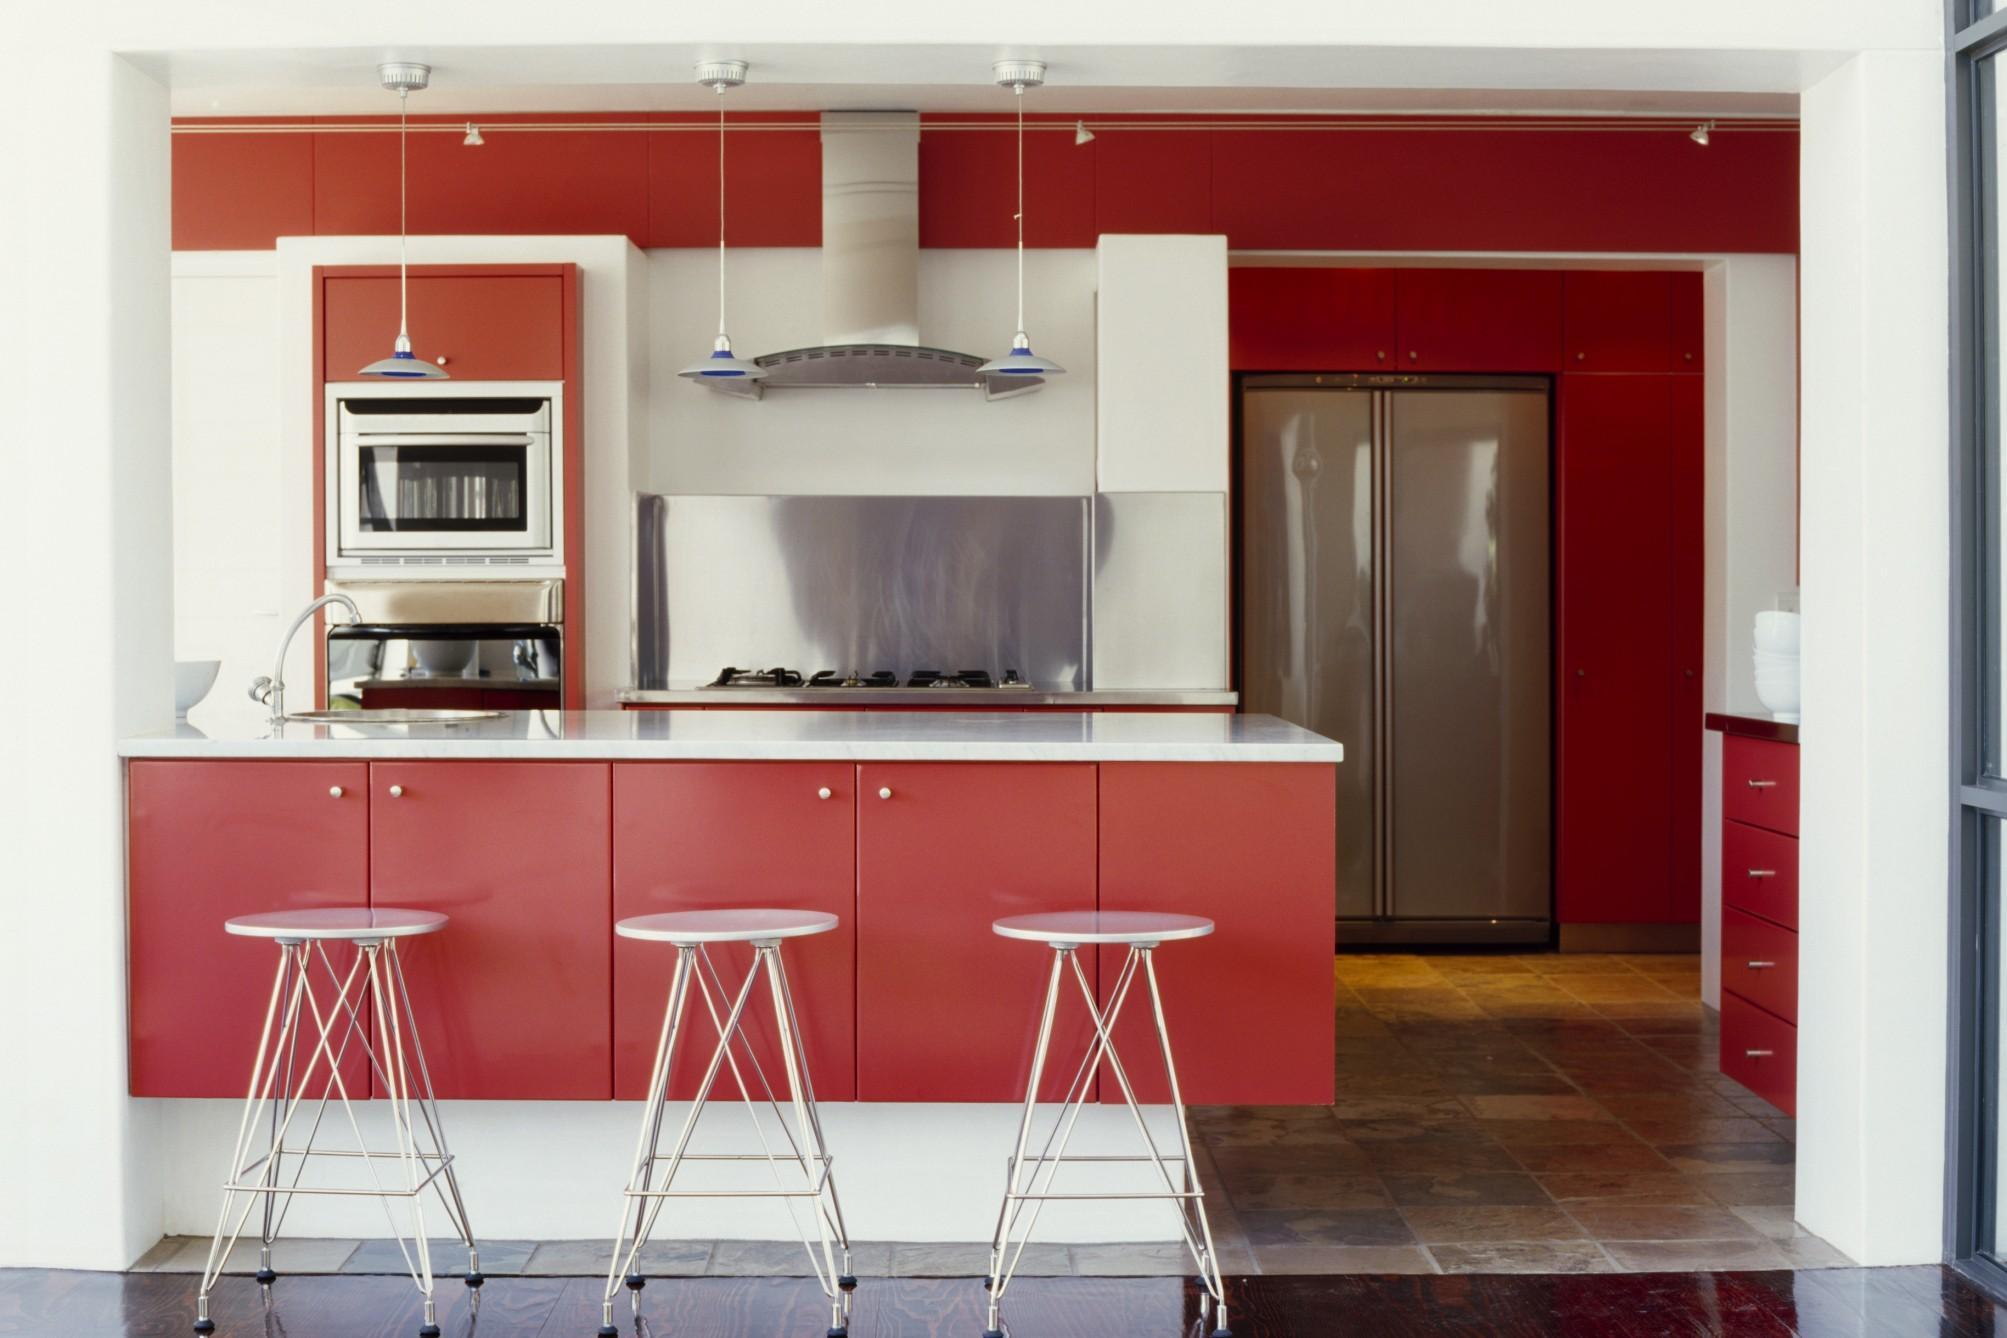 Arredare casa: come scegliere il colore della cucina? – Thesignofcolor